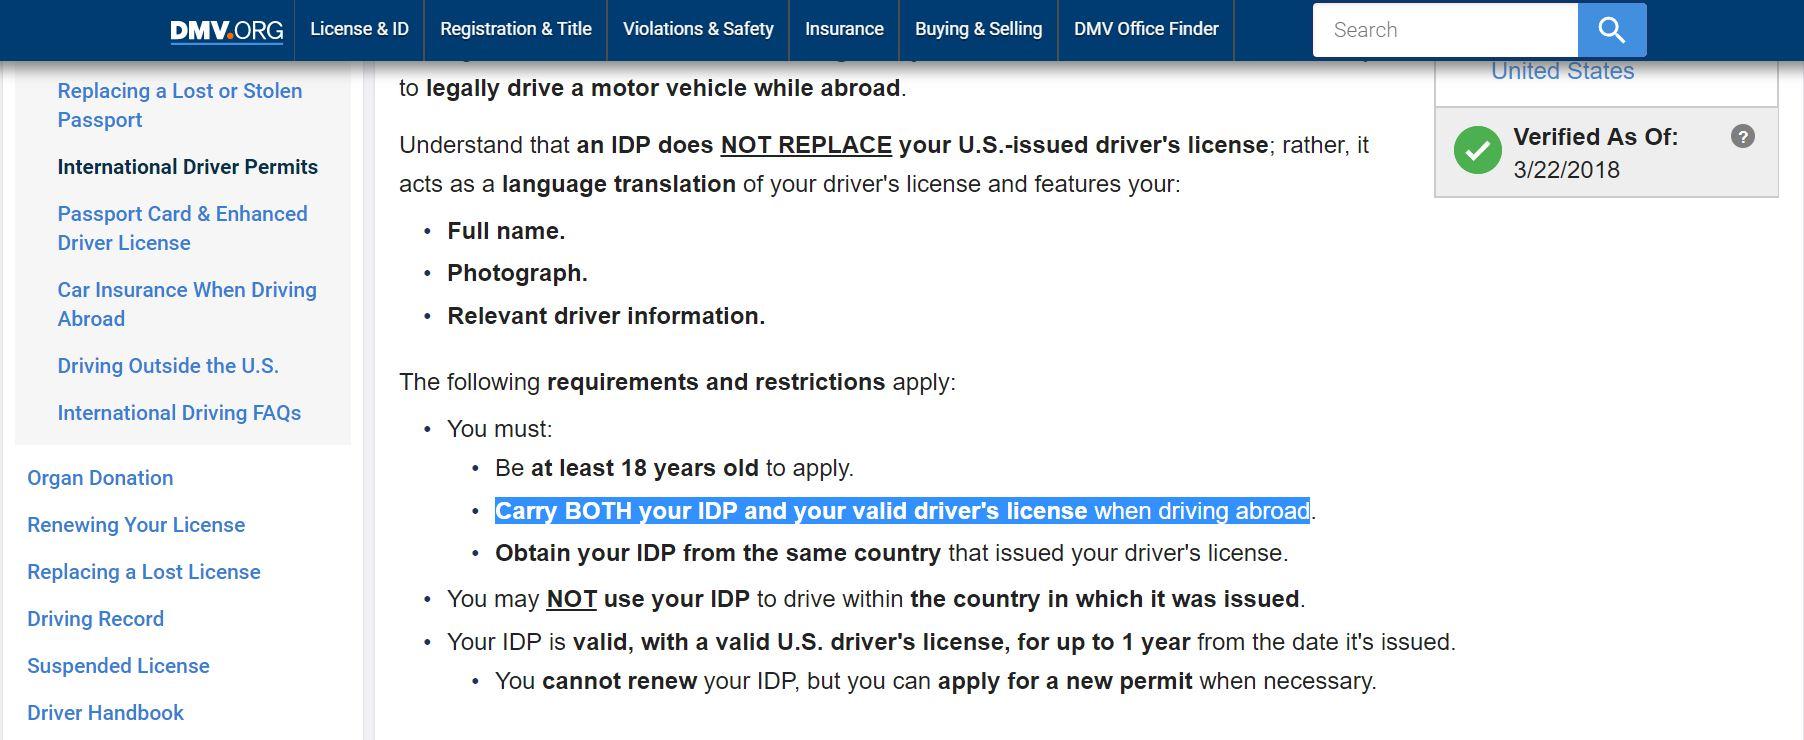 Trong lưu ý của Cơ quan quản lý phương tiện tại Mỹ (DMV) cũng ghi rõ vấn đề này. Phải mang cả 2 bằng lái trong nước và quốc tế (IDP - International Driving Permit) khi lái xe ở nước ngoài.